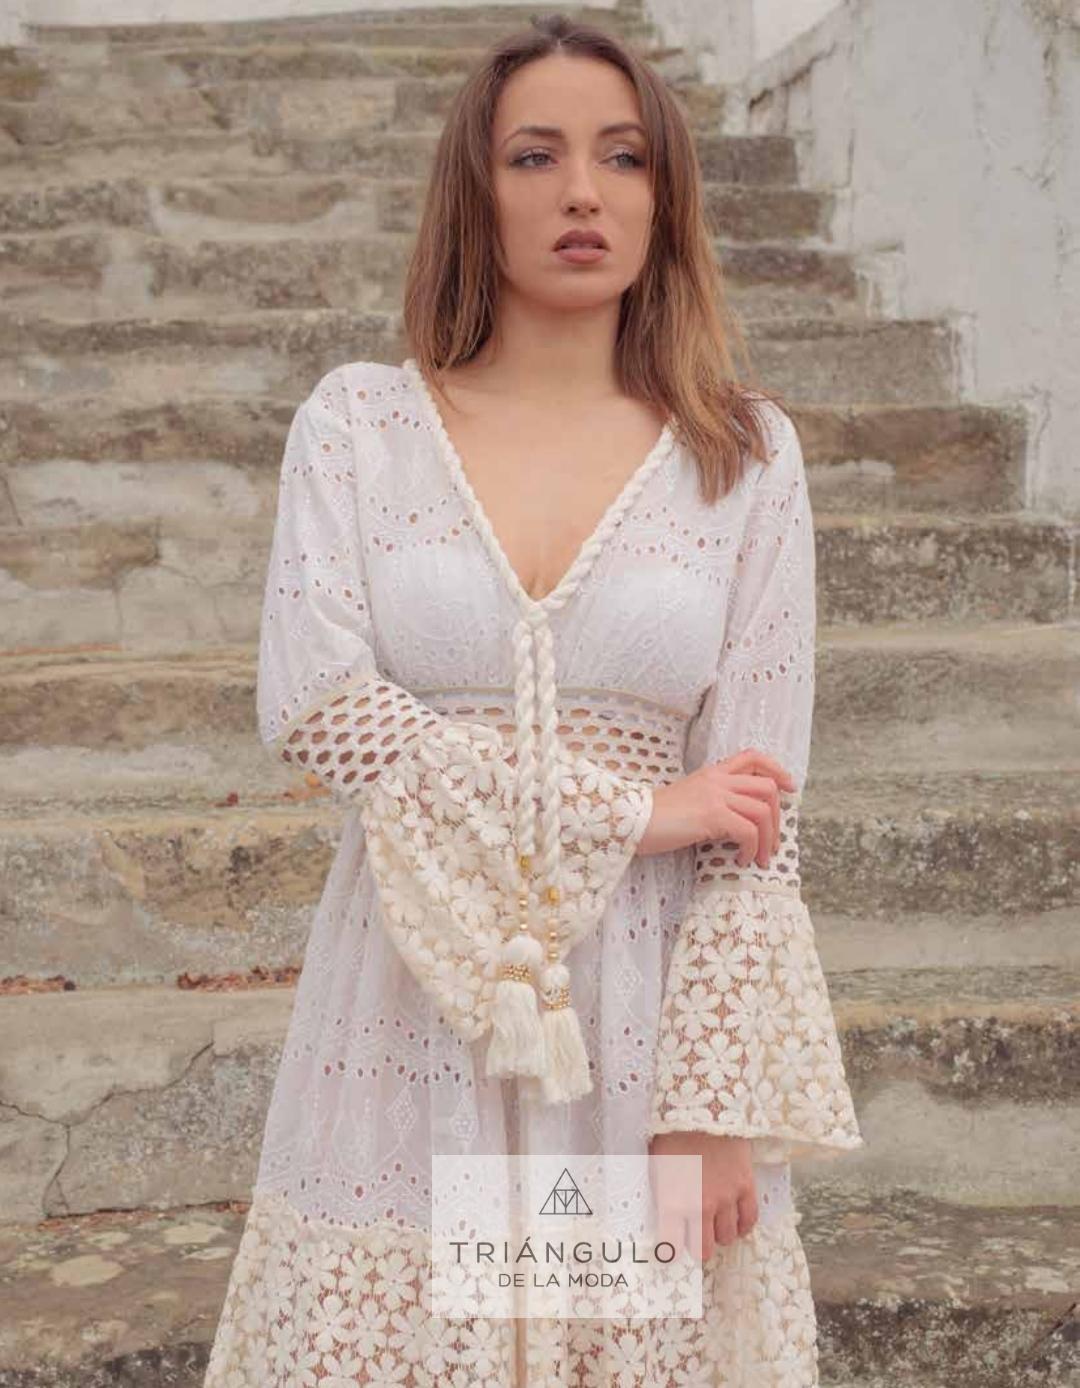 Tienda online del Triangulo de la Moda Kaftan \\\\